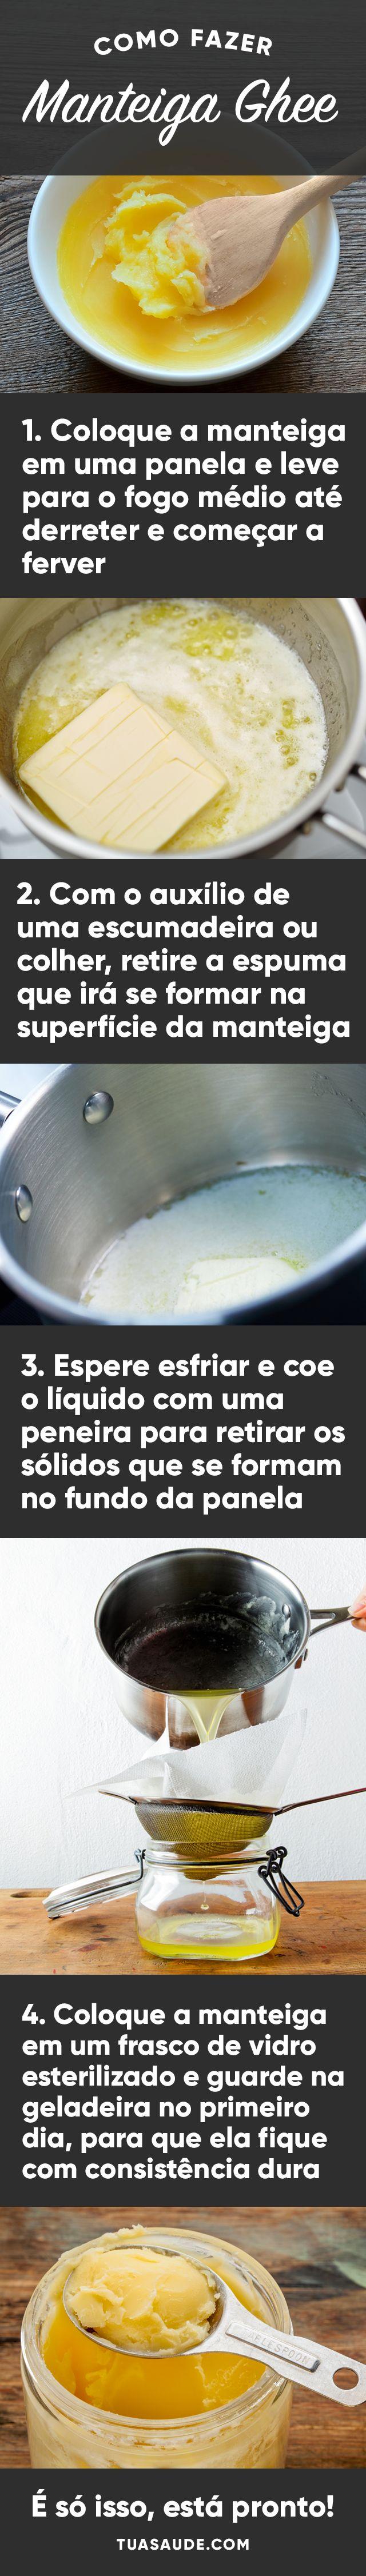 A manteiga Ghee, também conhecida como manteiga clarificada, não contem sal nem lactose, não estraga com temperaturas elevadas, por isso é uma boa gordura para cozinhar e não precisar ser guardada na geladeira.